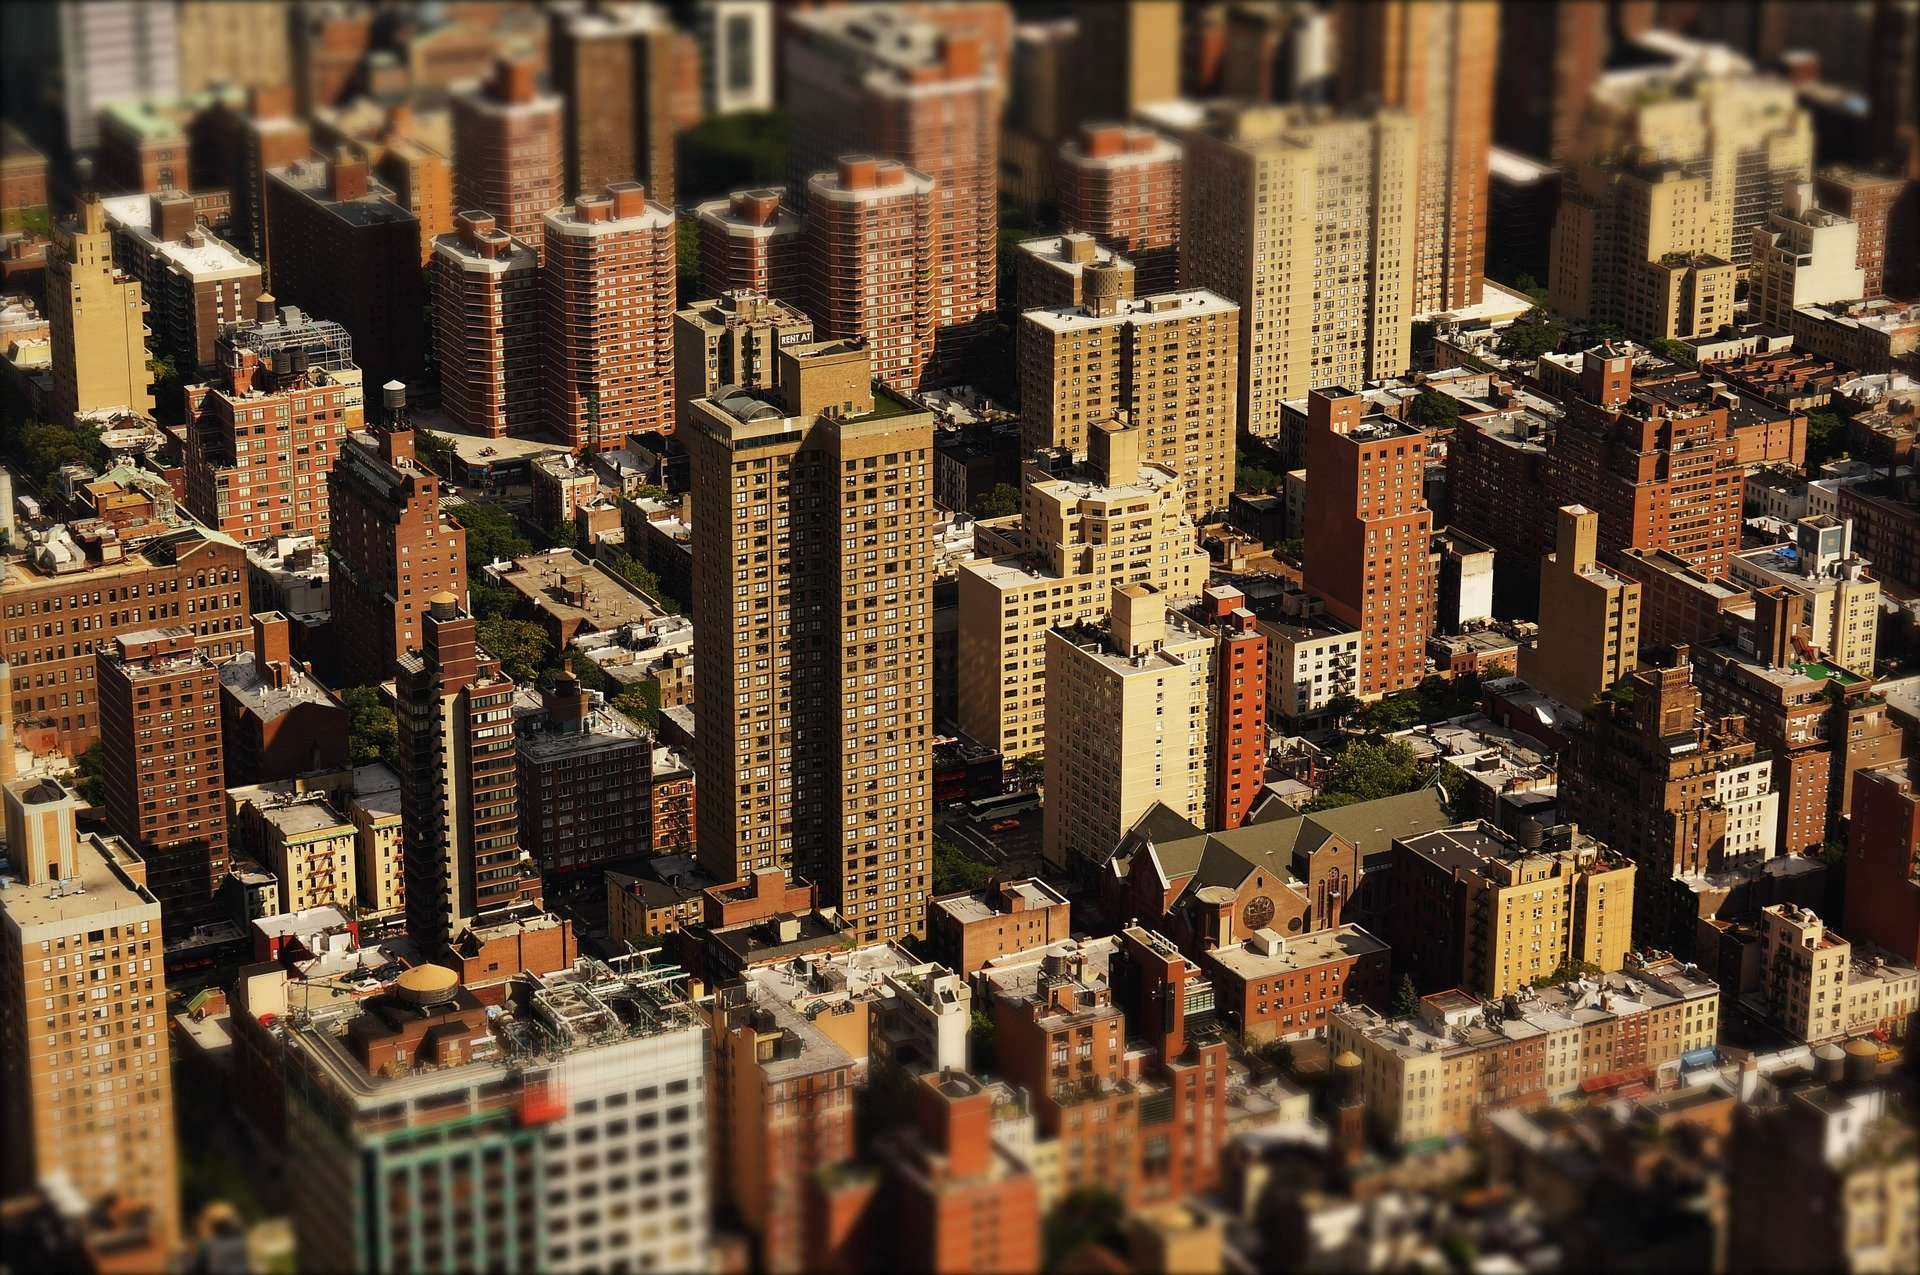 skyscrapers-450793_1920